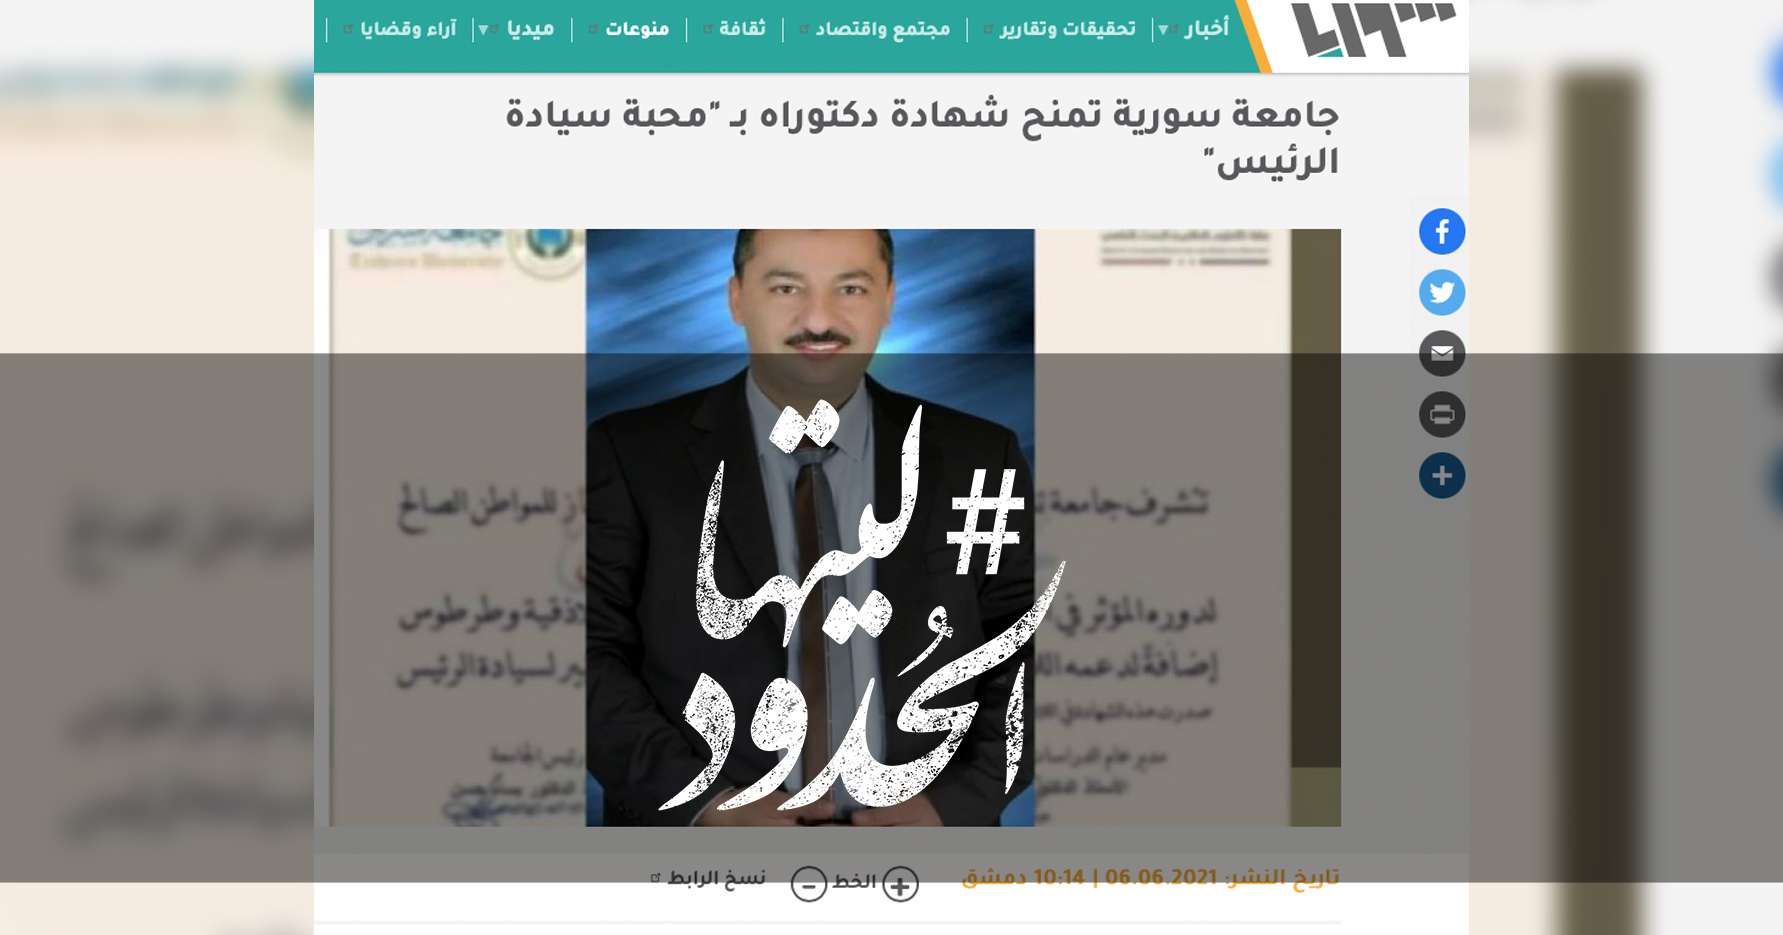 """صورة جامعة سورية تمنح شهادة دكتوراه بـ """"محبة سيادة الرئيس"""""""